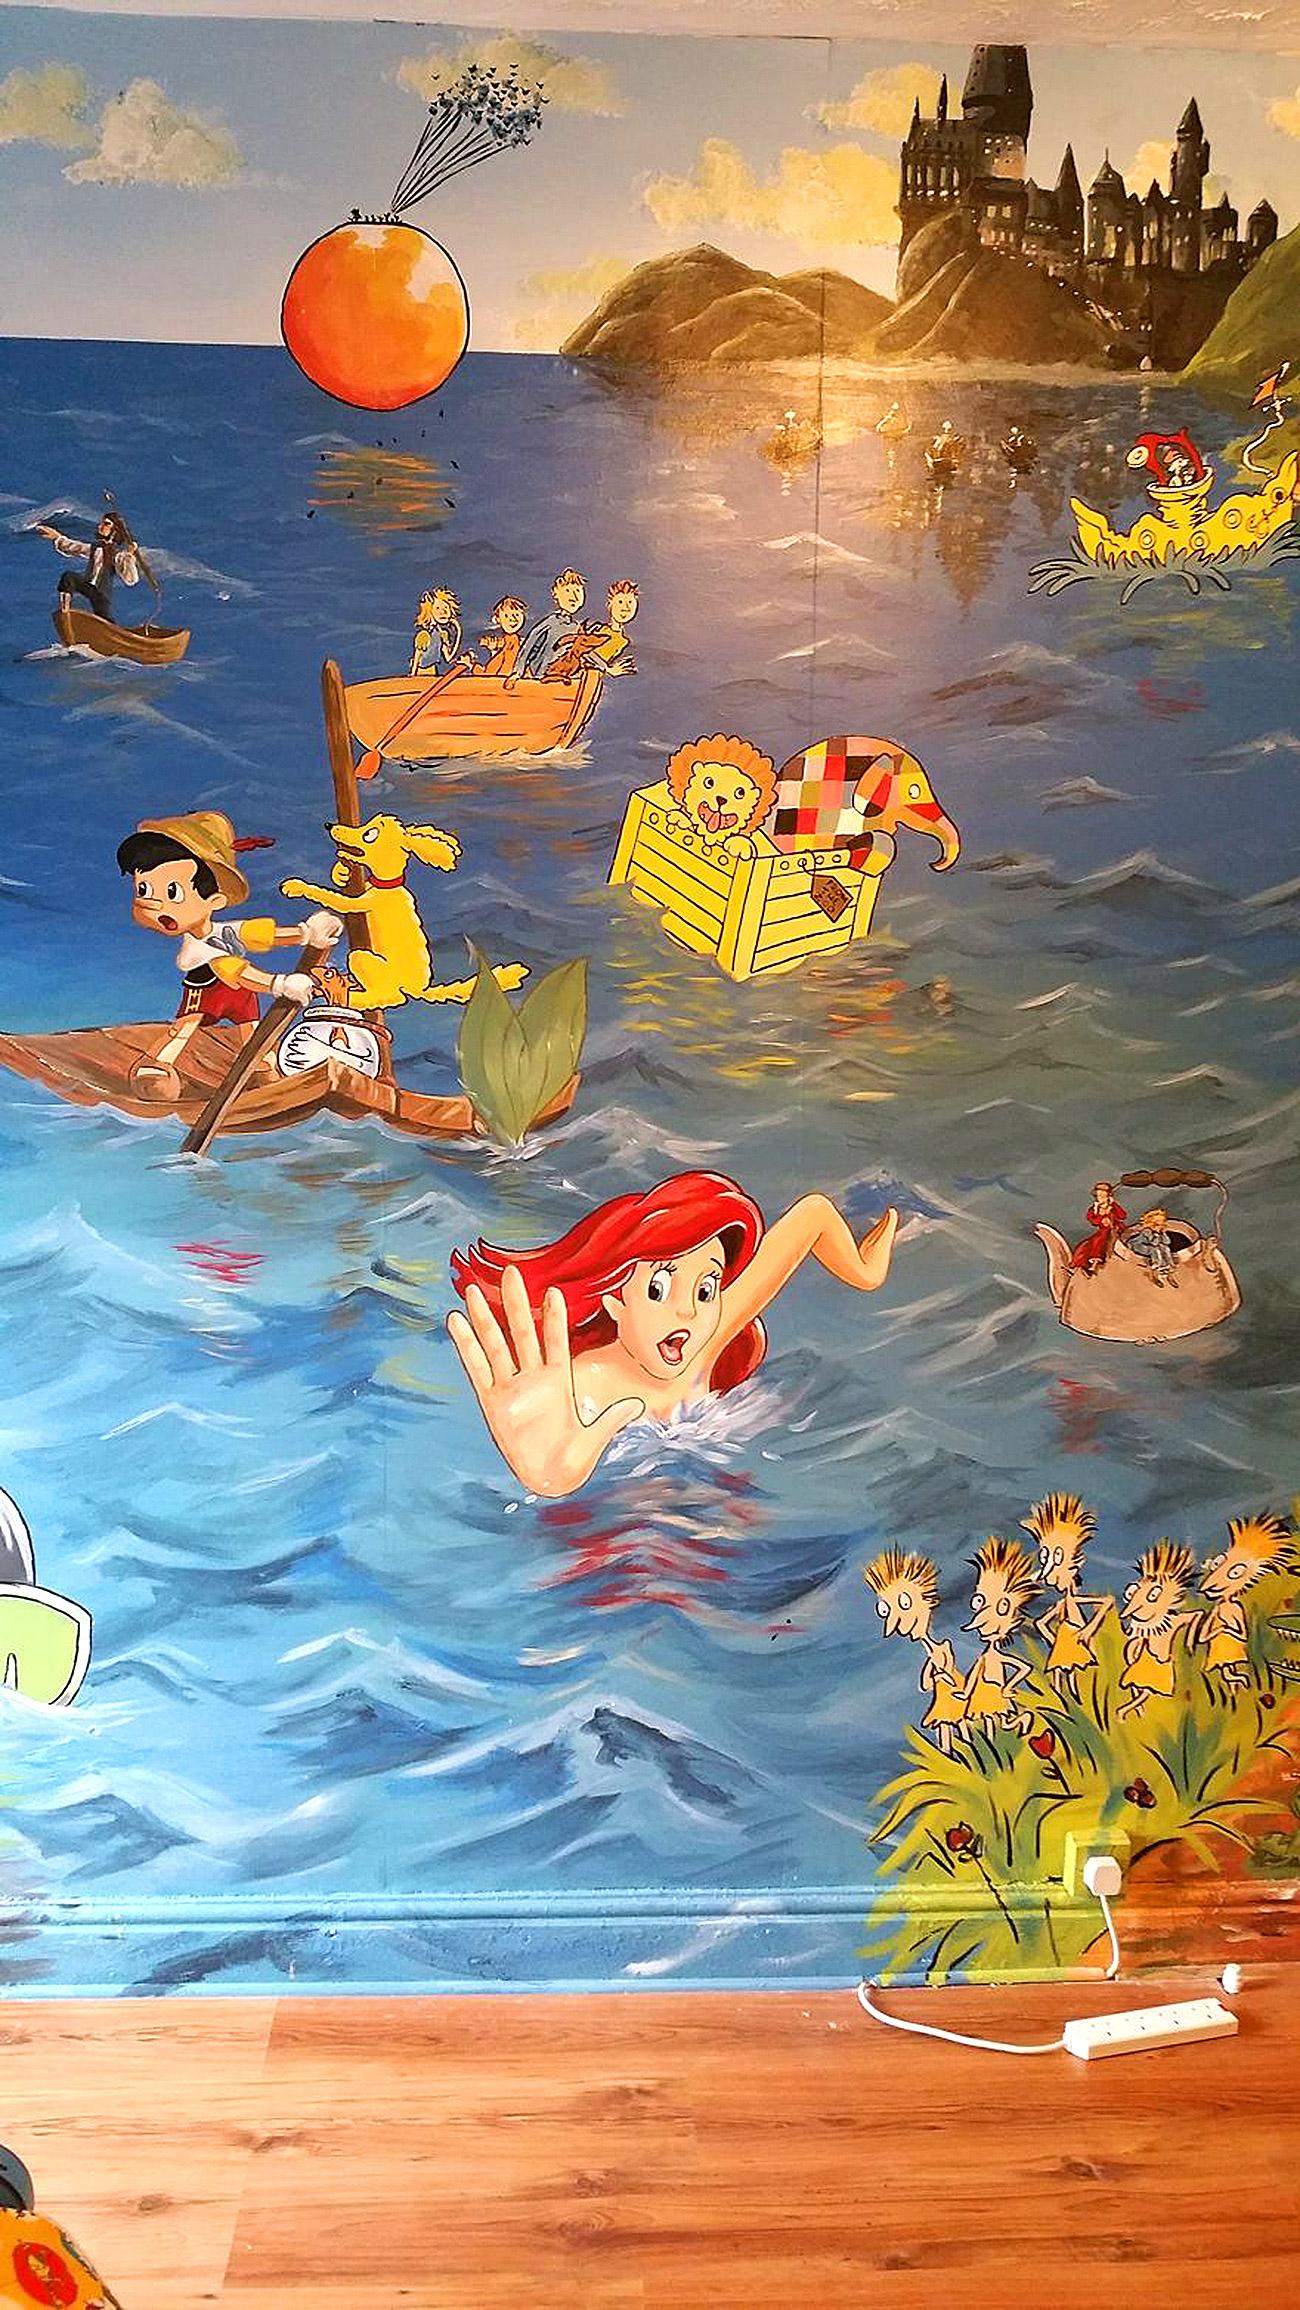 საბავშვო ოთახის ზღაპრული დიზაინი 7